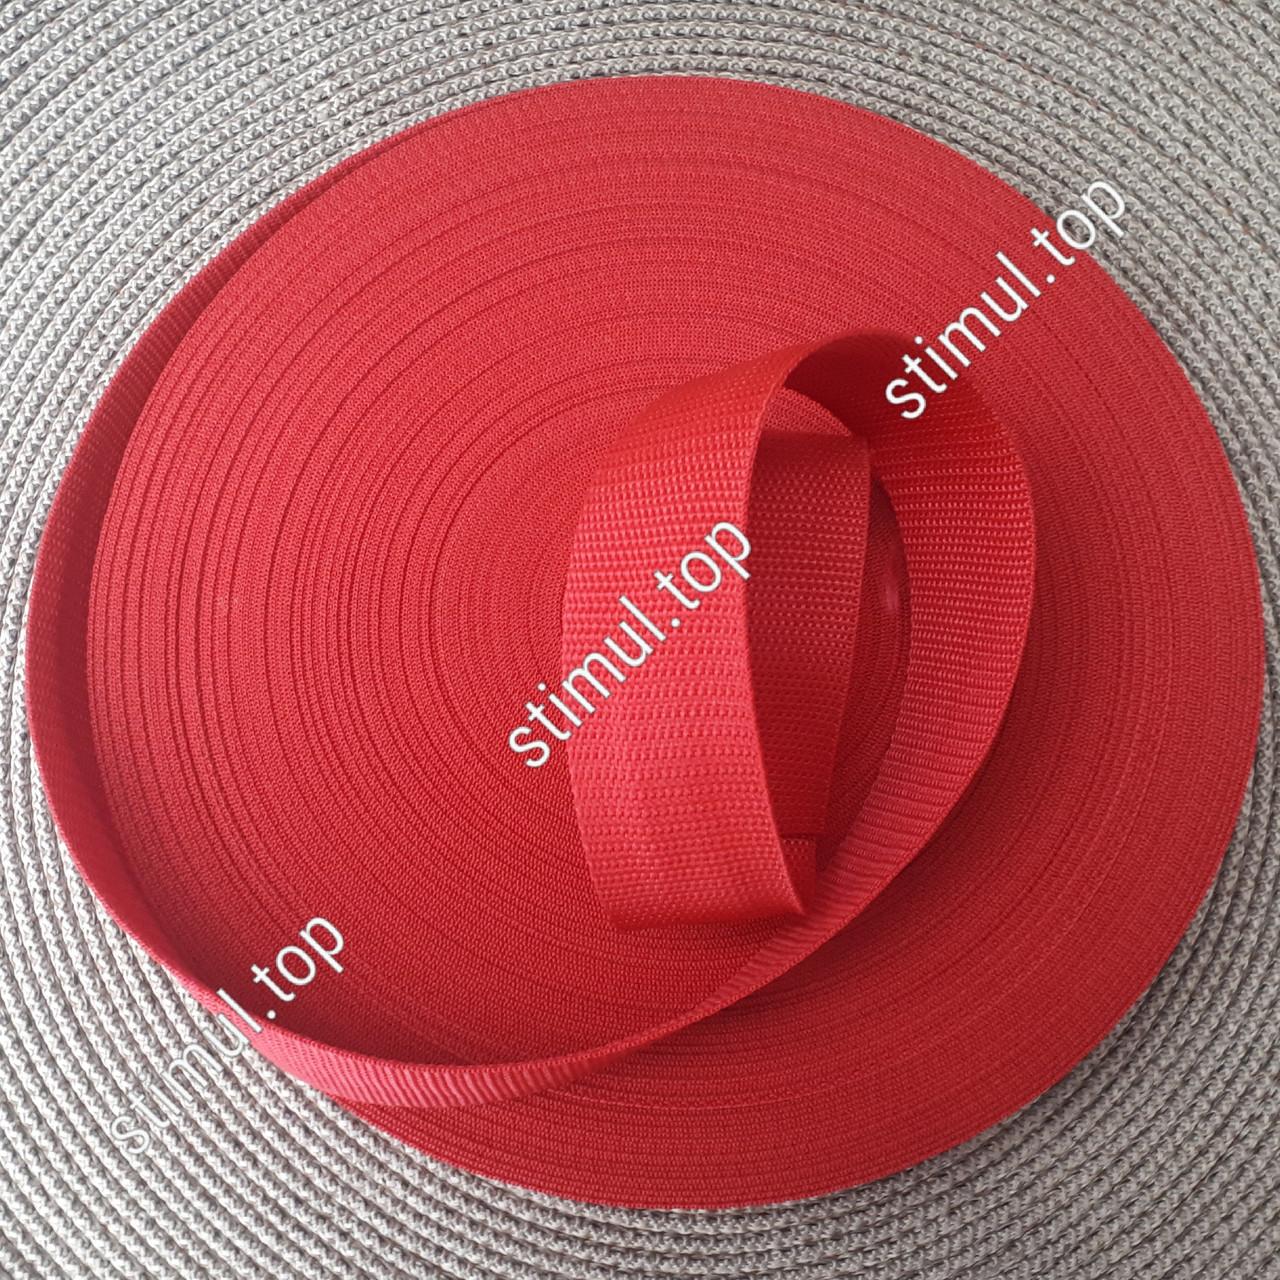 Тесьма цветная 25 мм (бухта 50 м) КРАСНАЯ / Стропа сумочная ременная / Лента для рюкзаков / Стрічка ремінна